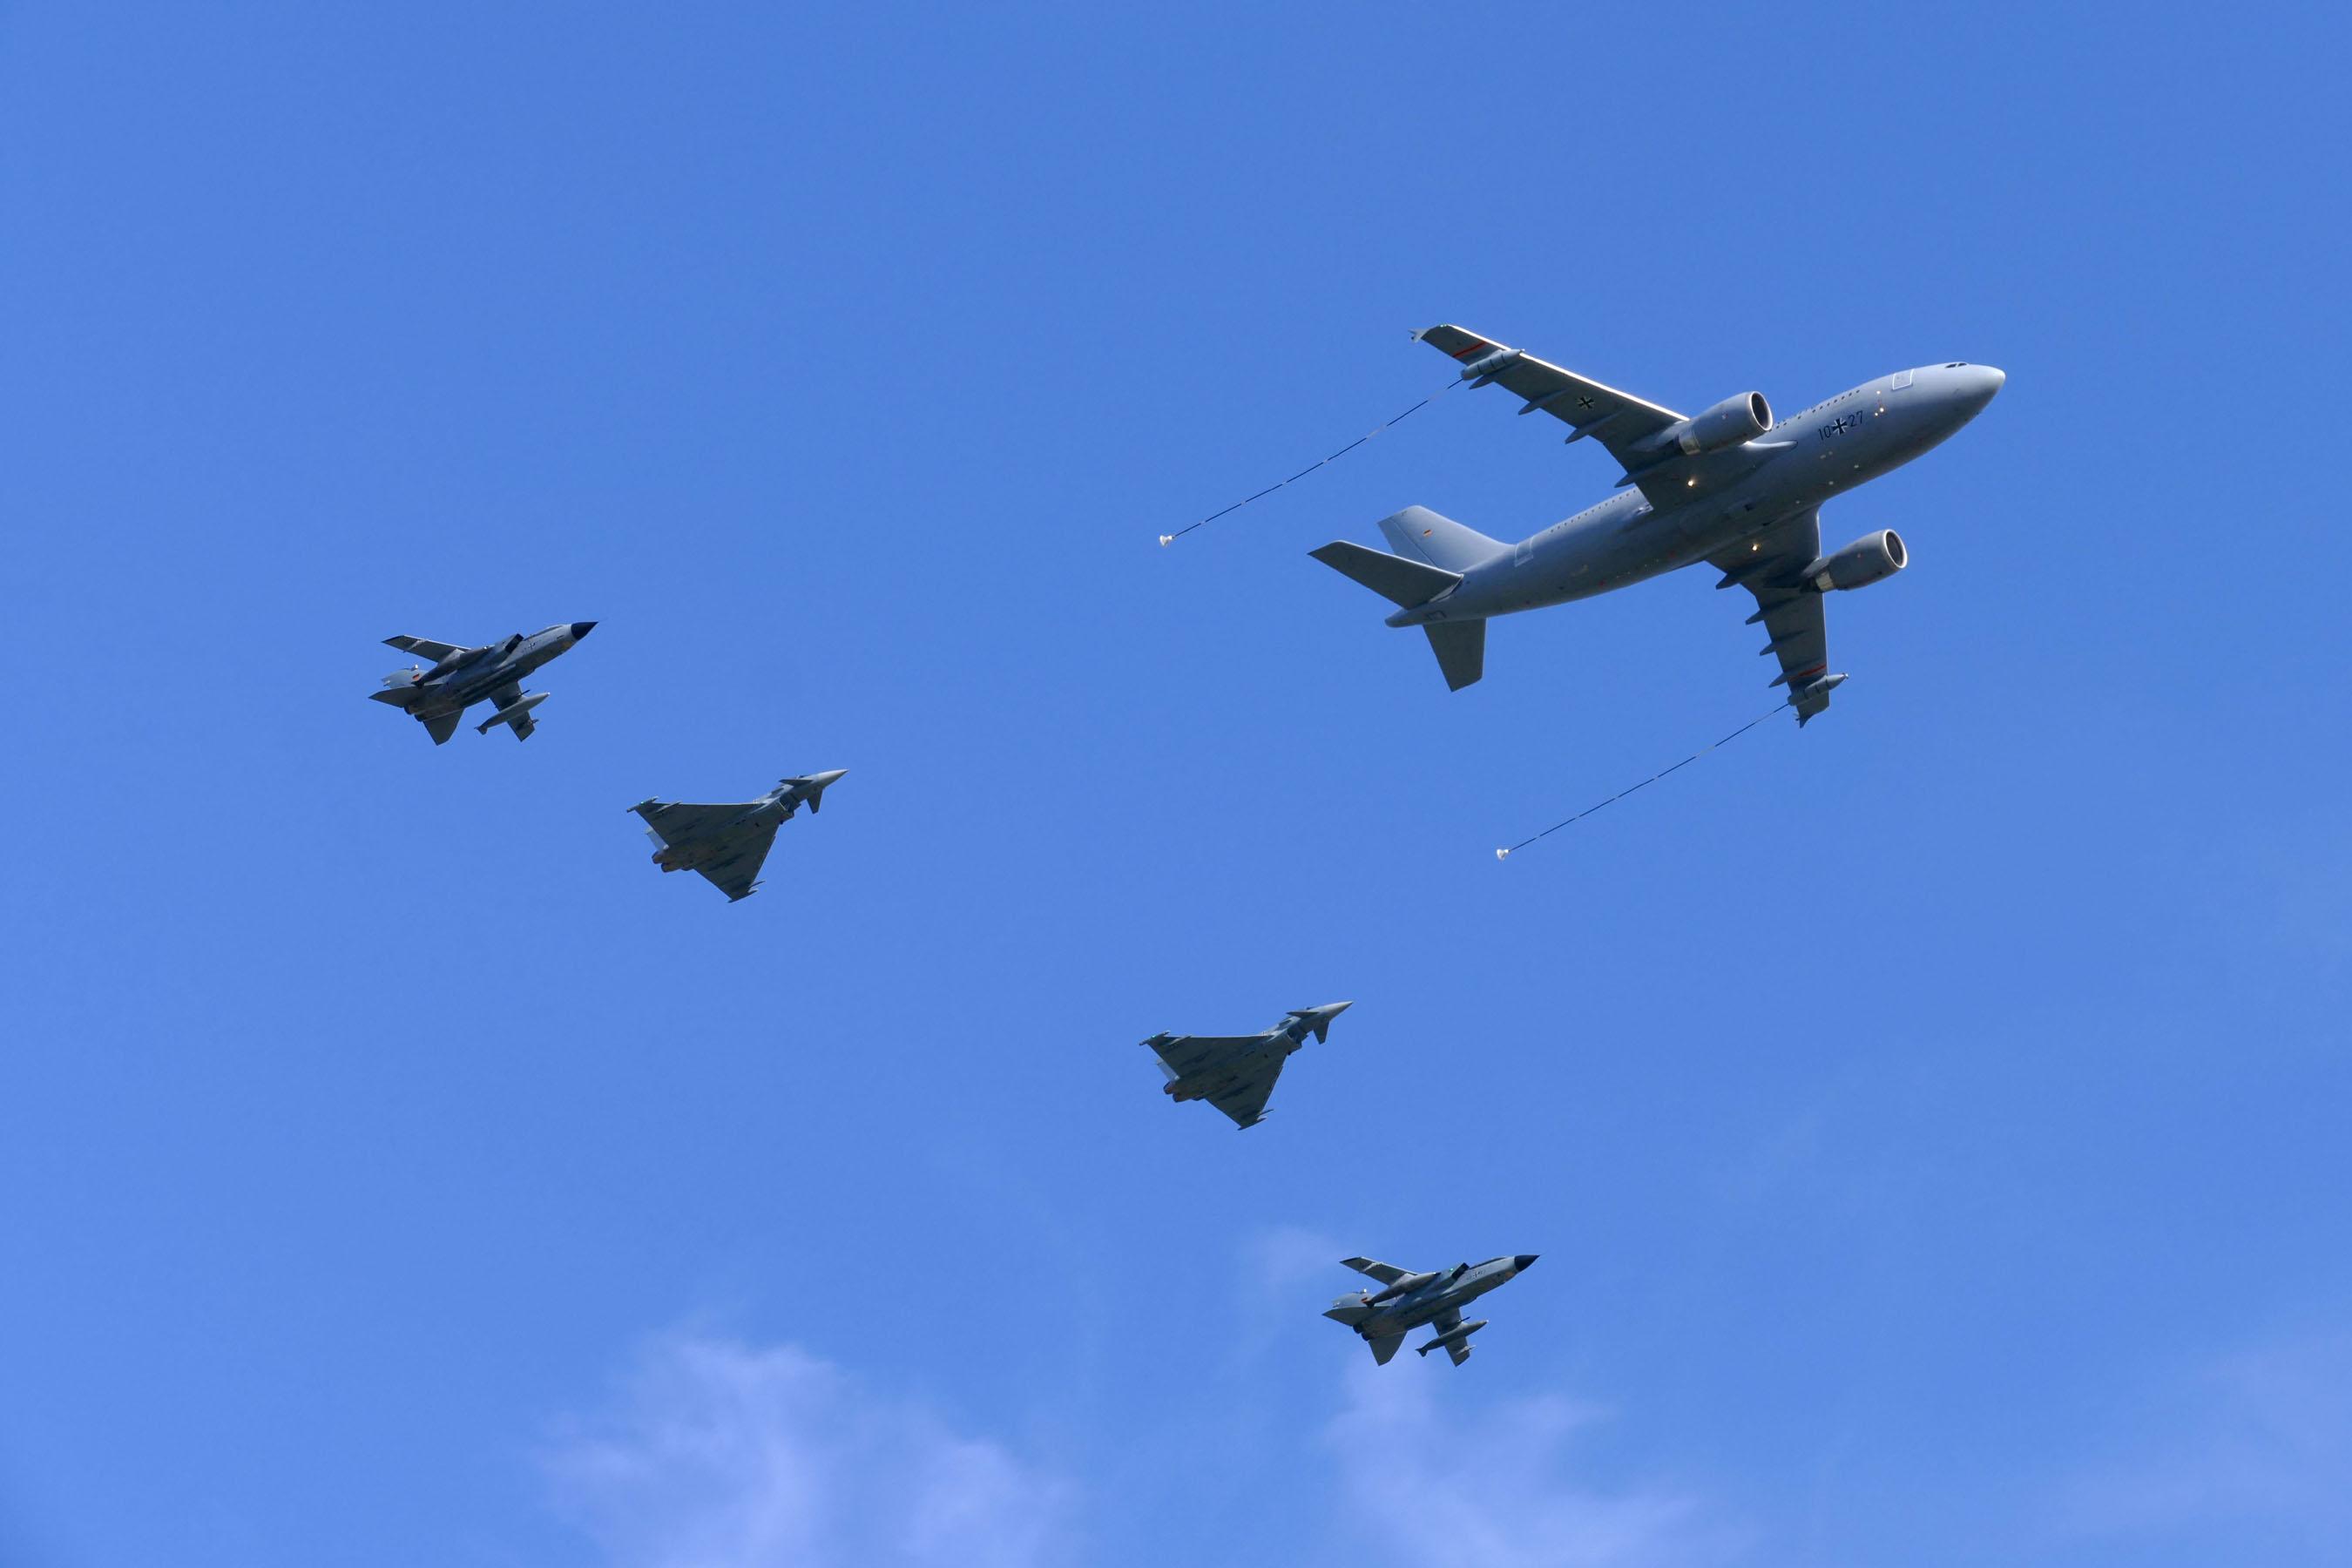 Präsentation der Luftwaffe auf der ILA: Tornado, Eurofighter Typhoon und Airbus A310-304 im Überflug.